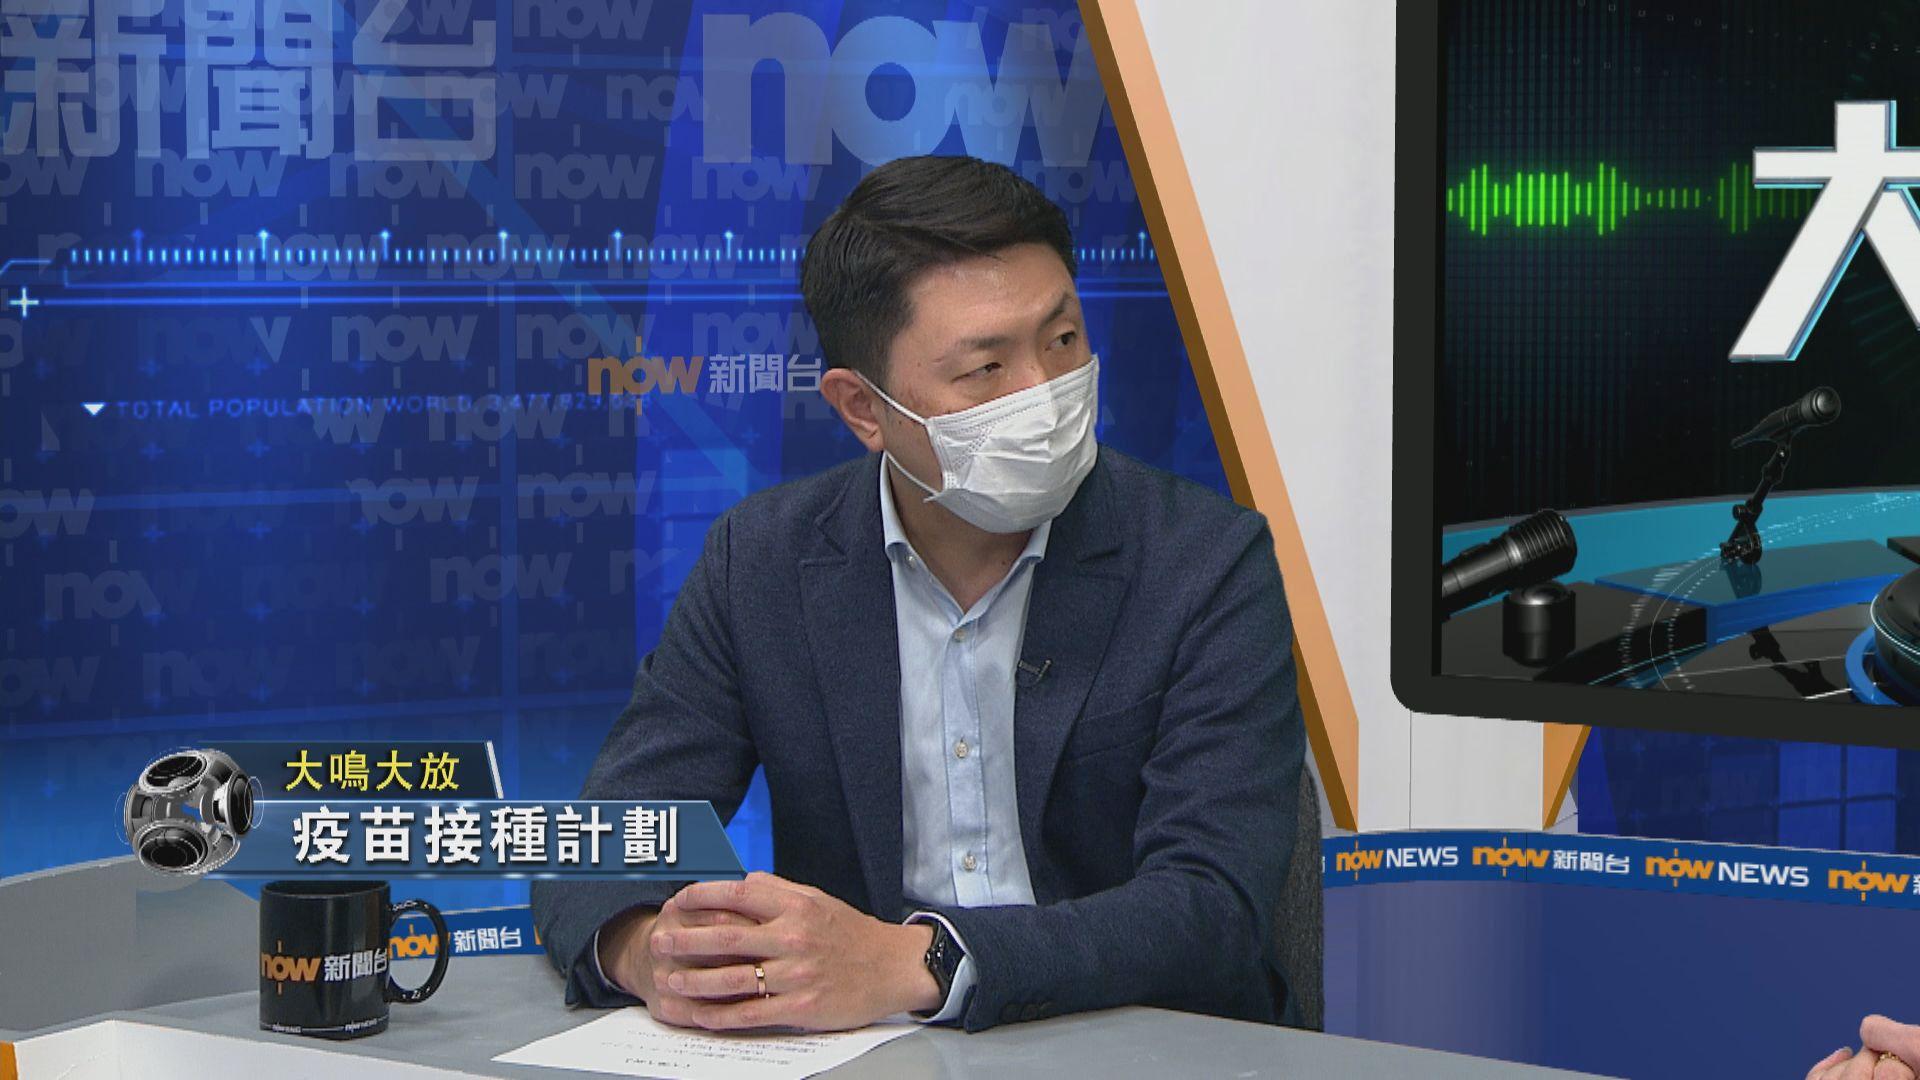 【大鳴大放】疫苗接種 新變種病毒(一)